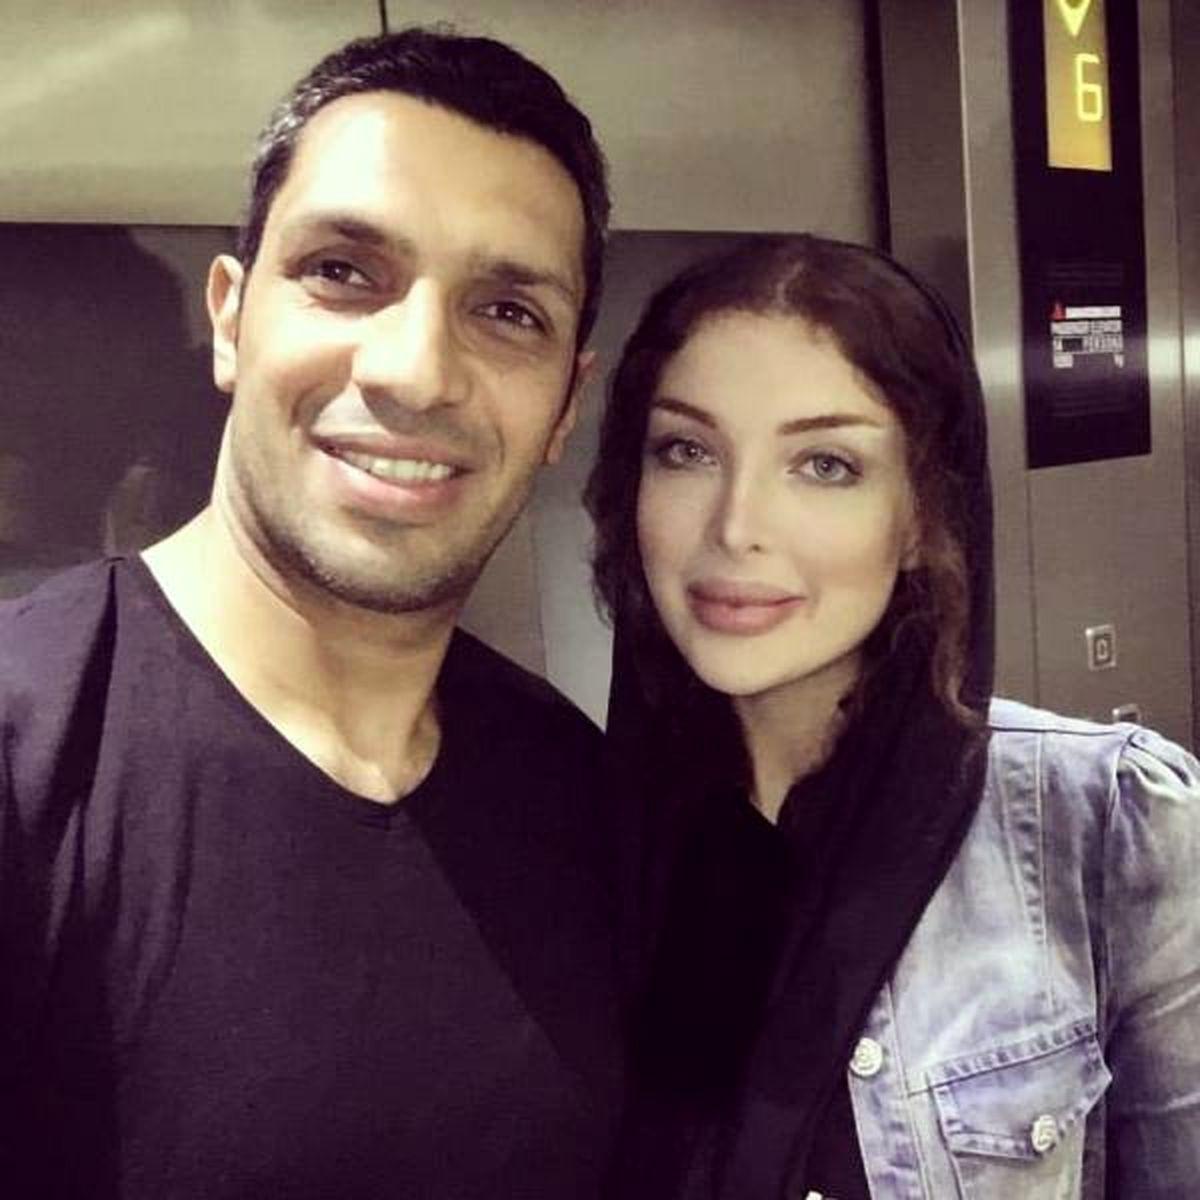 خوشگذرانی سپهر حیدری و همسرش در دبی/ پشت پرده عکس جنجالی حیدری و خانم غریبه در یک مراسم